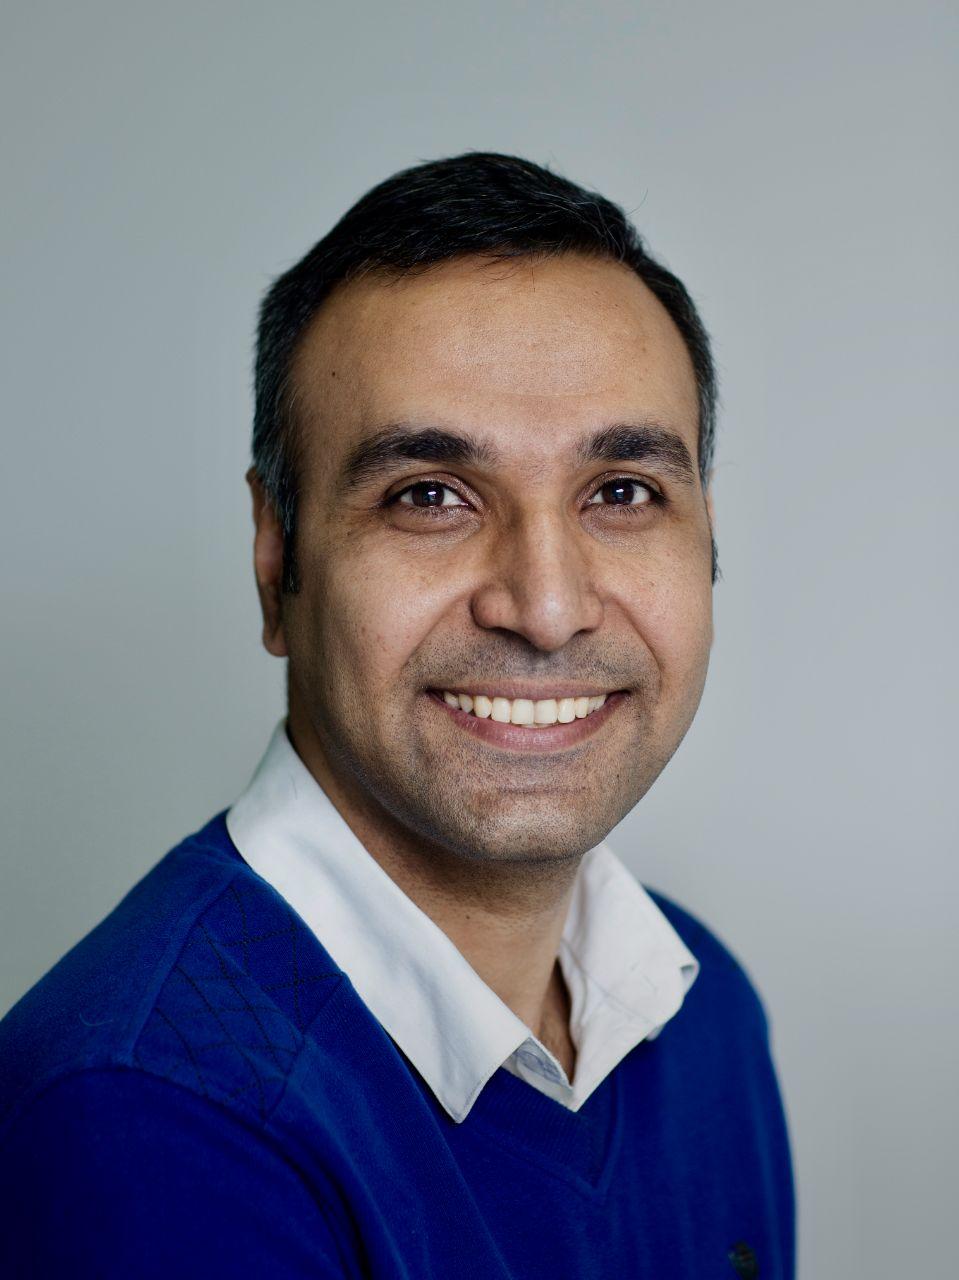 Dr Hassan   Habibi Gharakheili